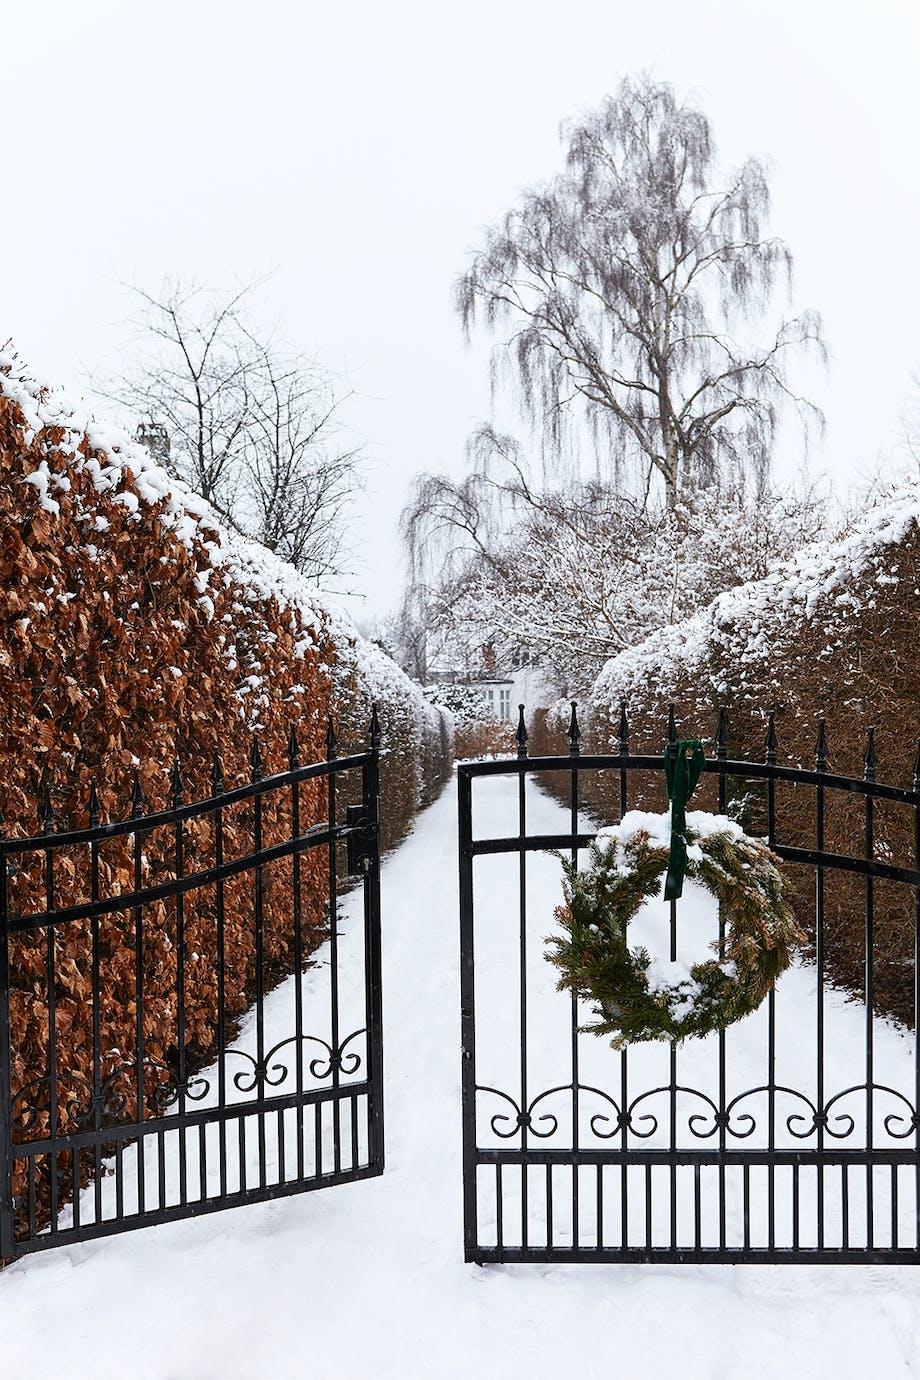 indkørsel have havelåge sne vinter jul